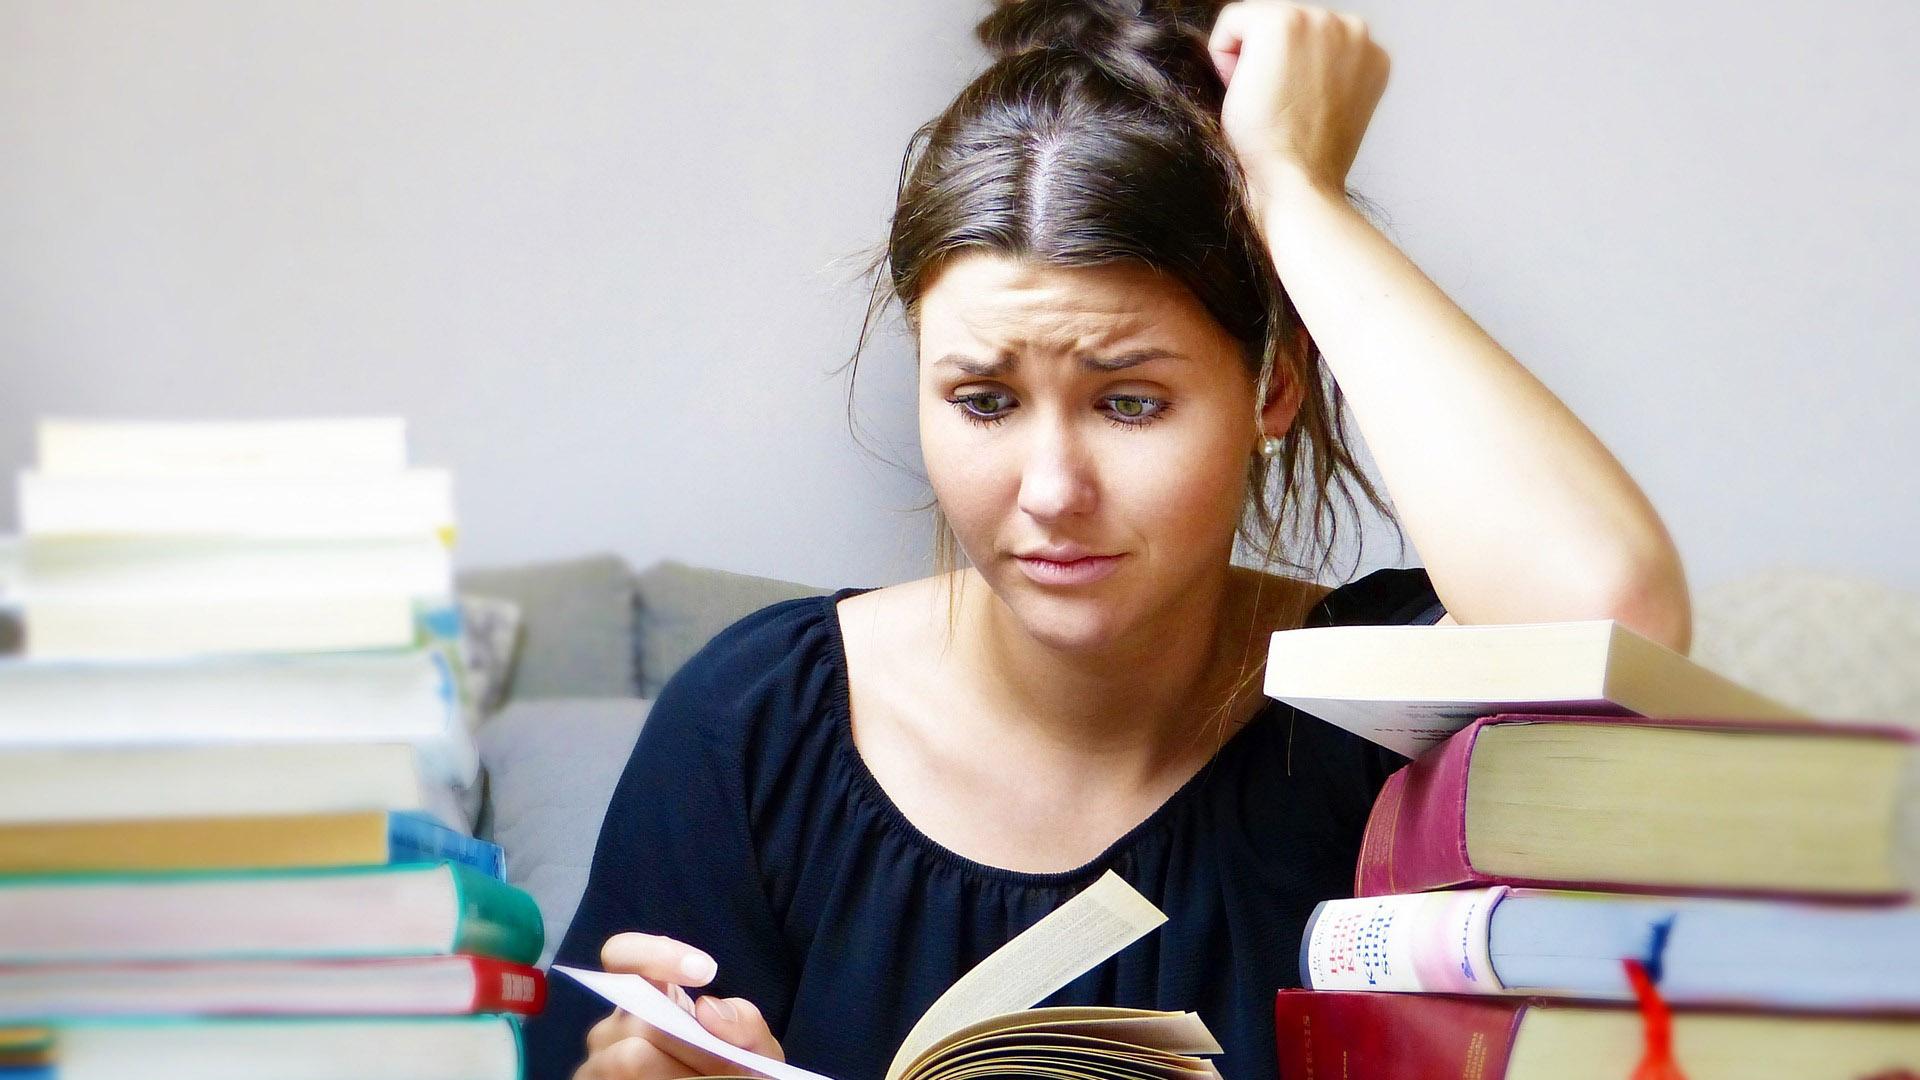 Joven estudiando alrededor de muchos libros